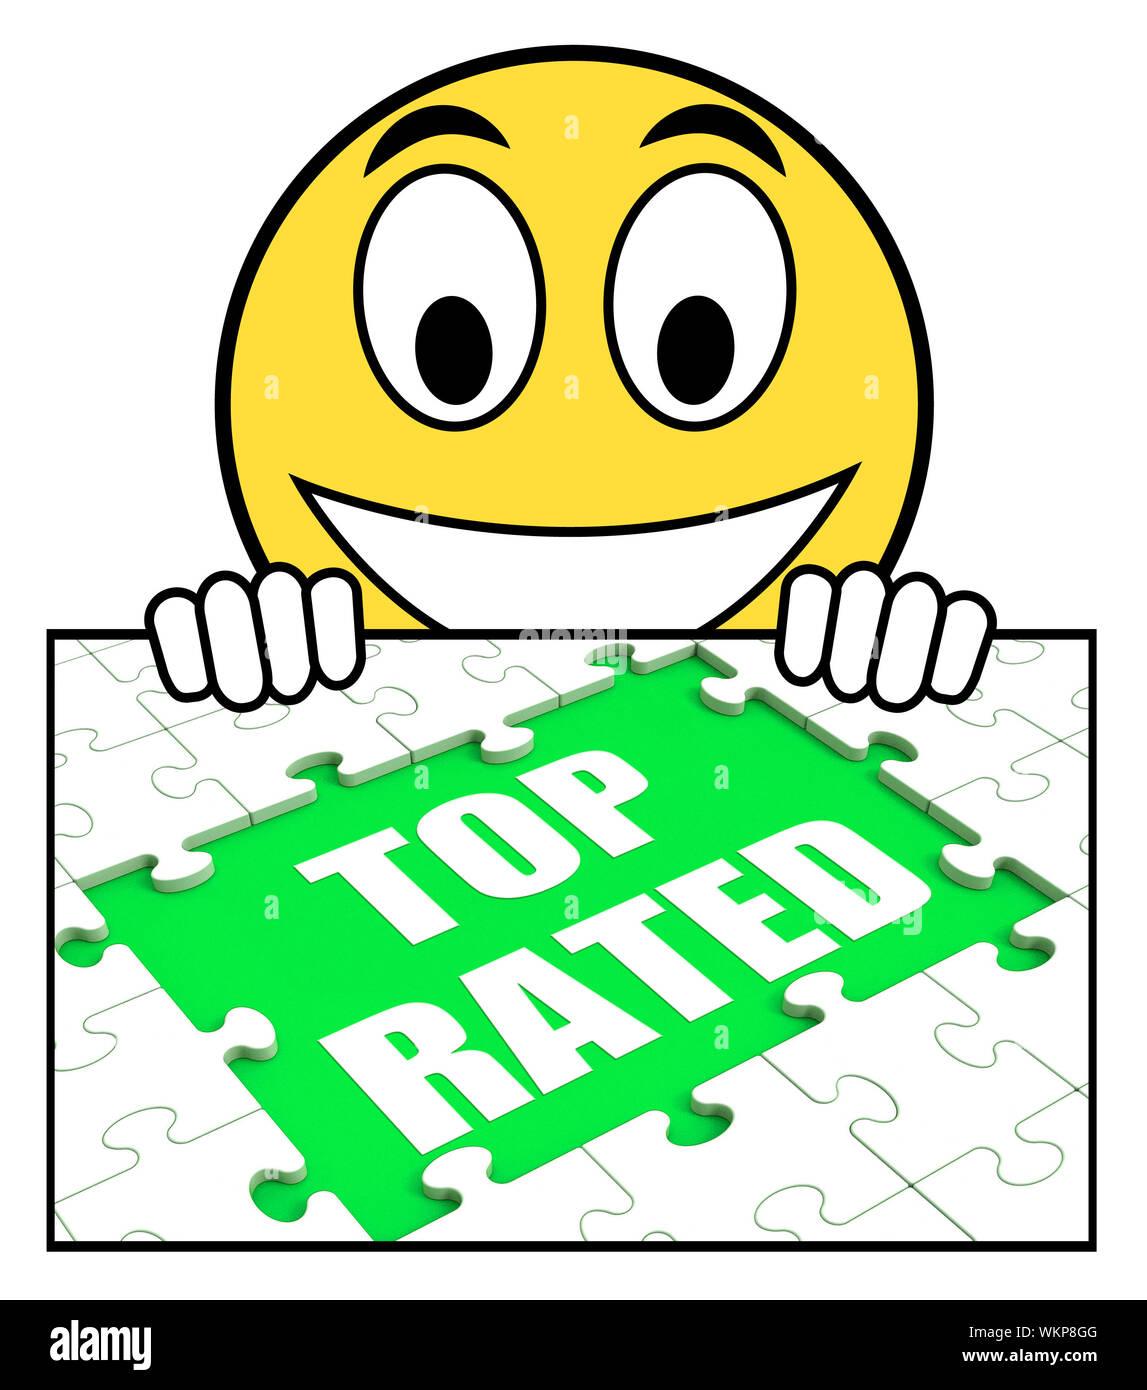 Top Rated señal que significa más populares o Best-Seller Foto de stock